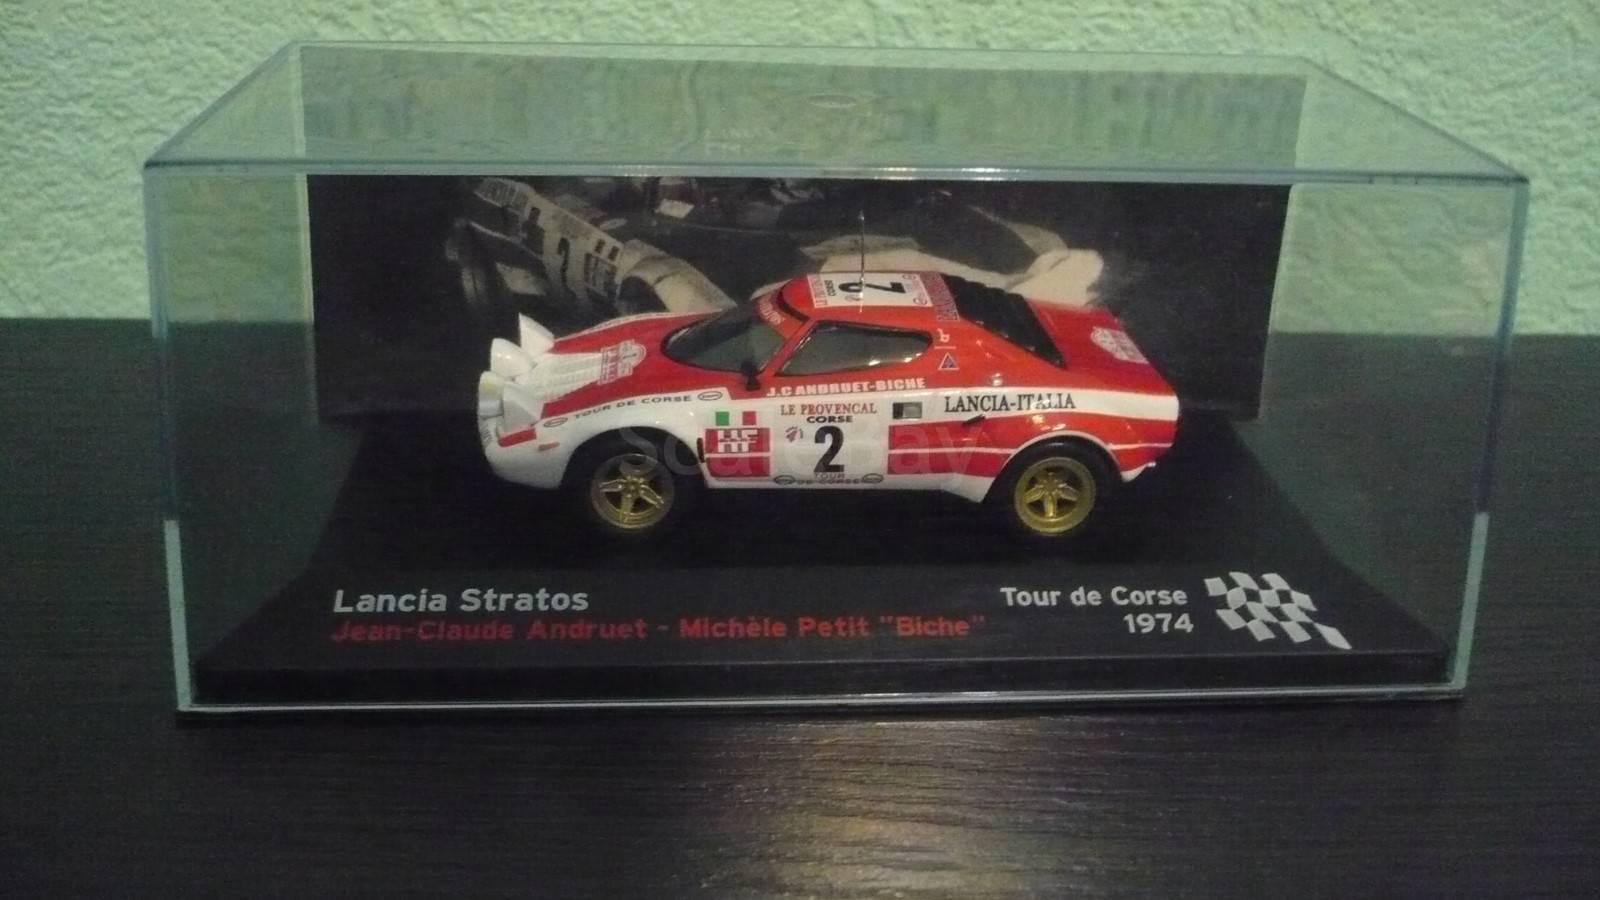 lancia stratos 1974 | Аукцион масштабных и сборных моделей